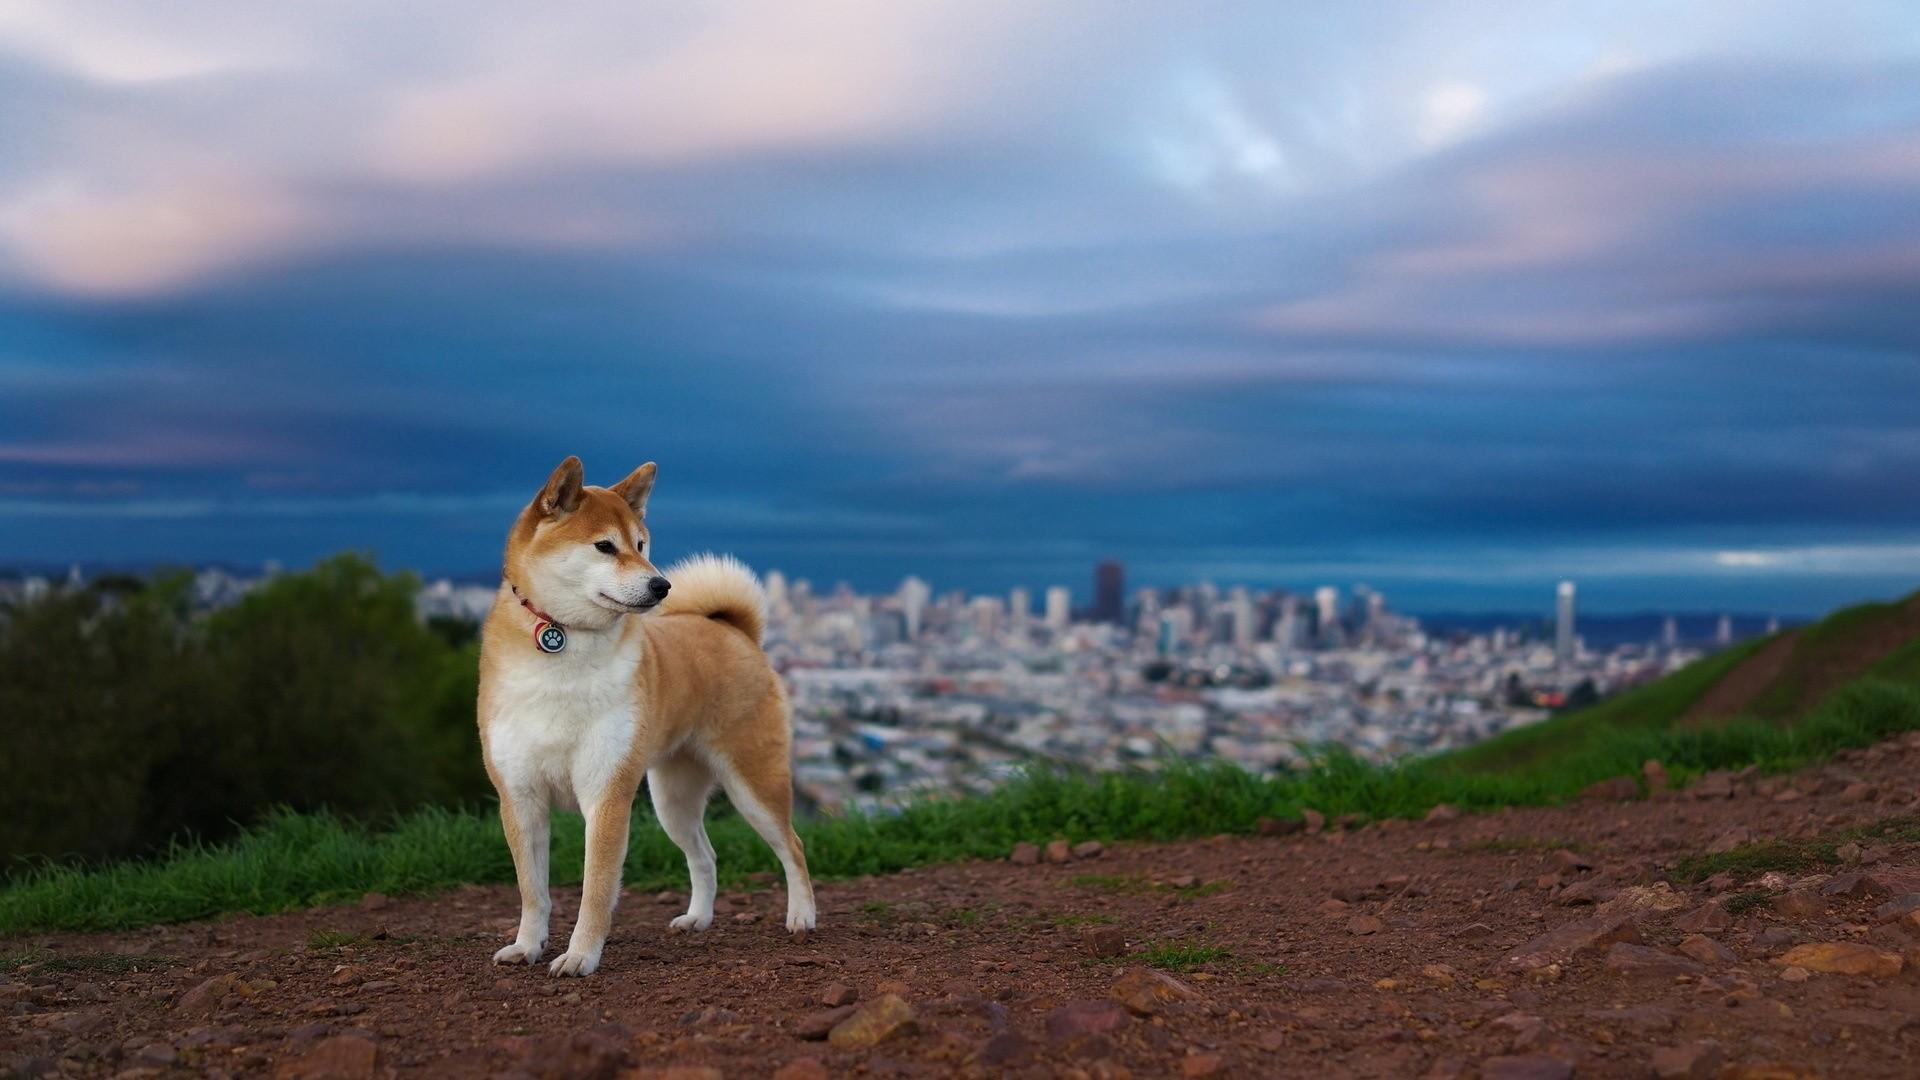 … akita inu, hill, dog